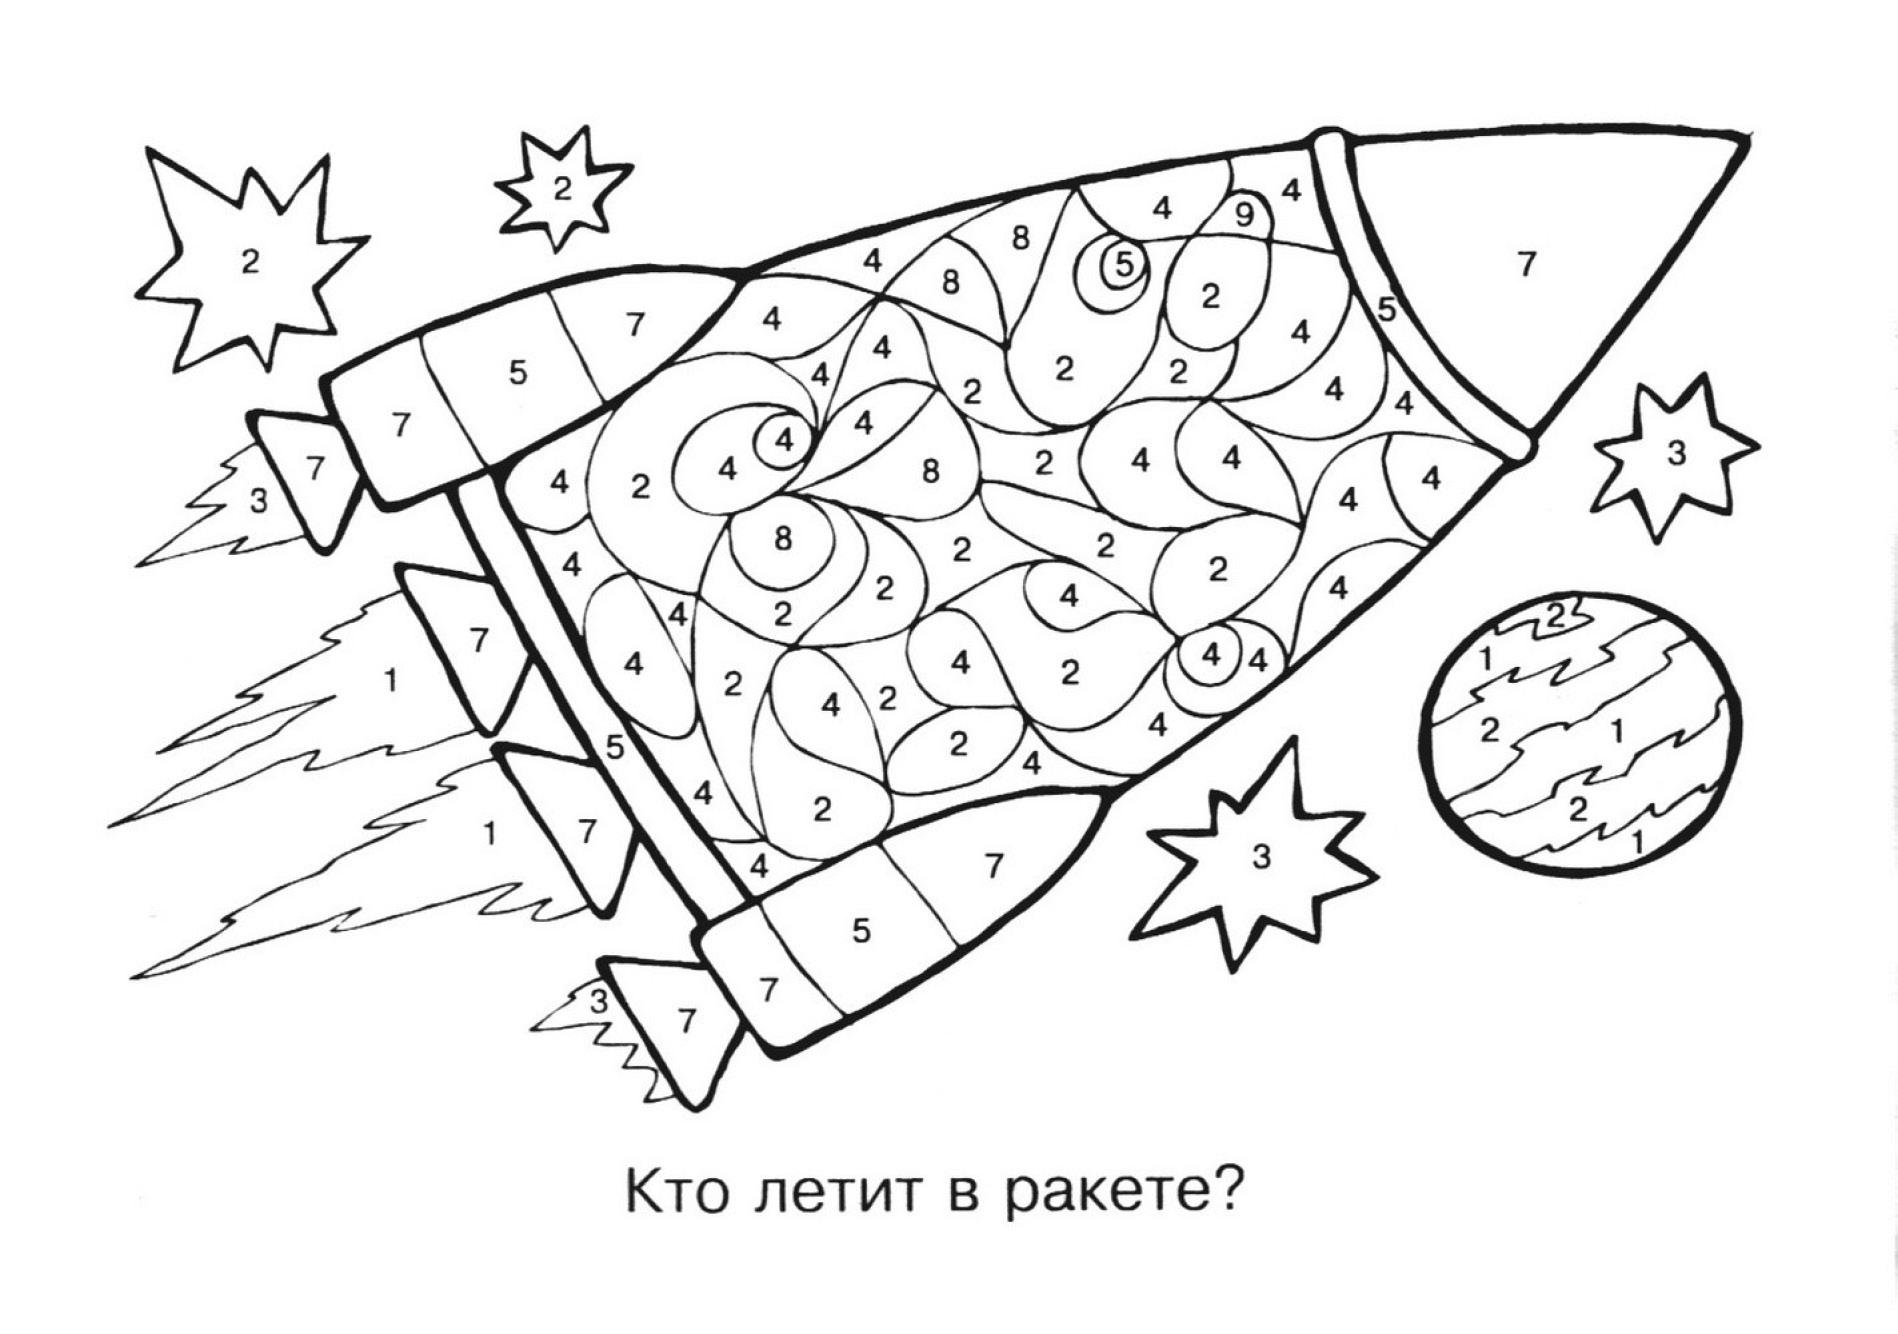 Раскраски с примерами, кто летит в ракете